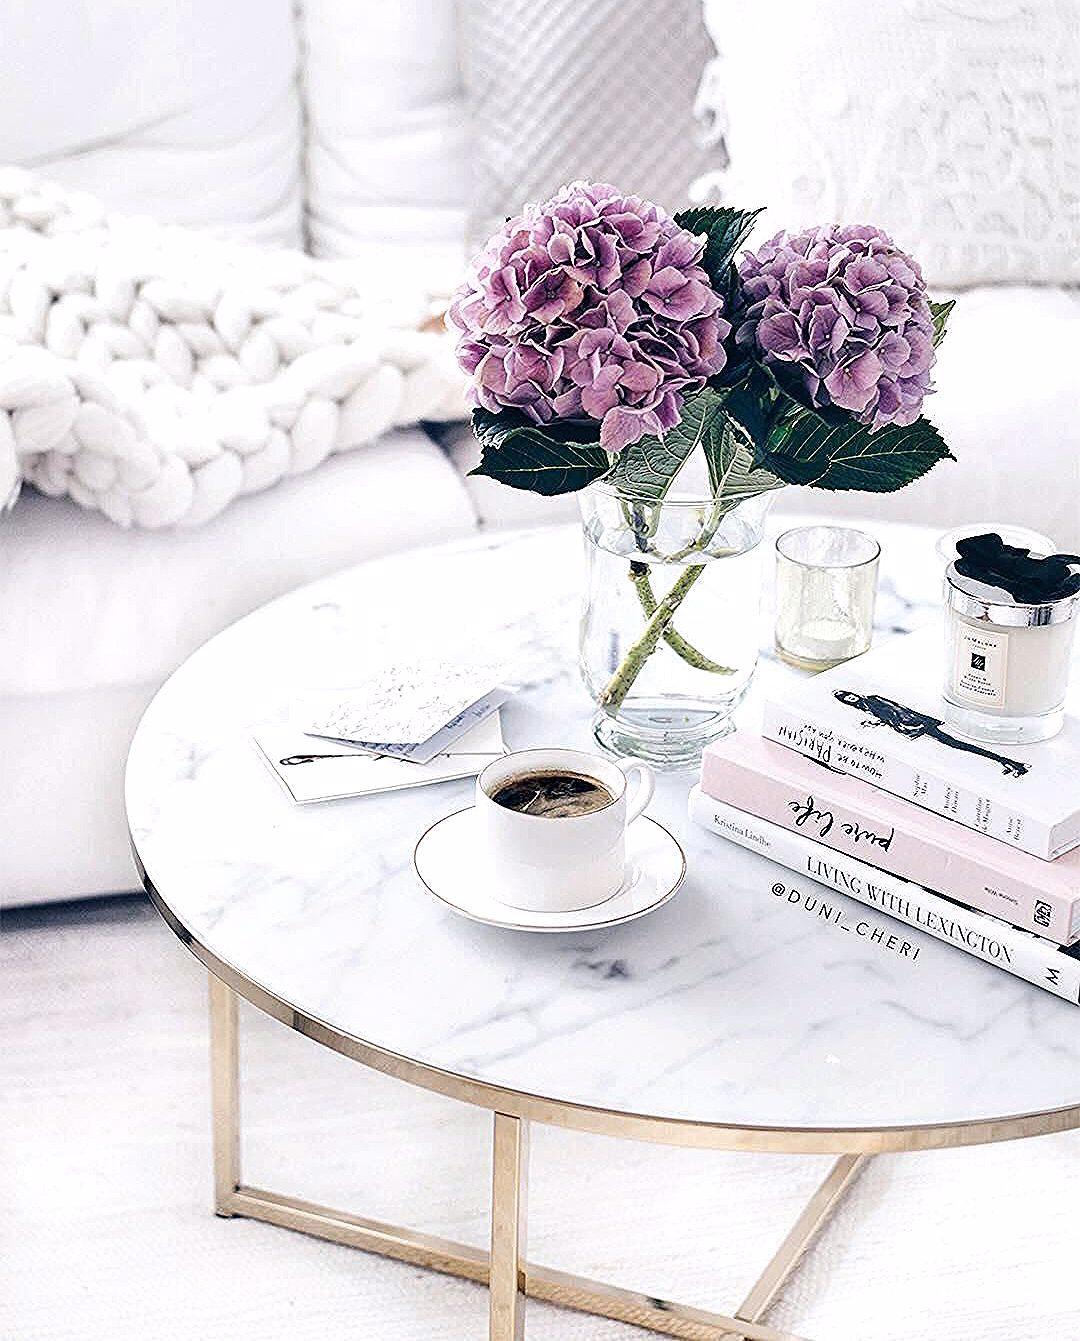 Wunderschöne Blumen Auf Einem Noch Viel Schöneren Couchtisch Marmor Ist Magie Denn Nicht Umson Marble Top Coffee Table Marble Tables Living Room Coffee Table